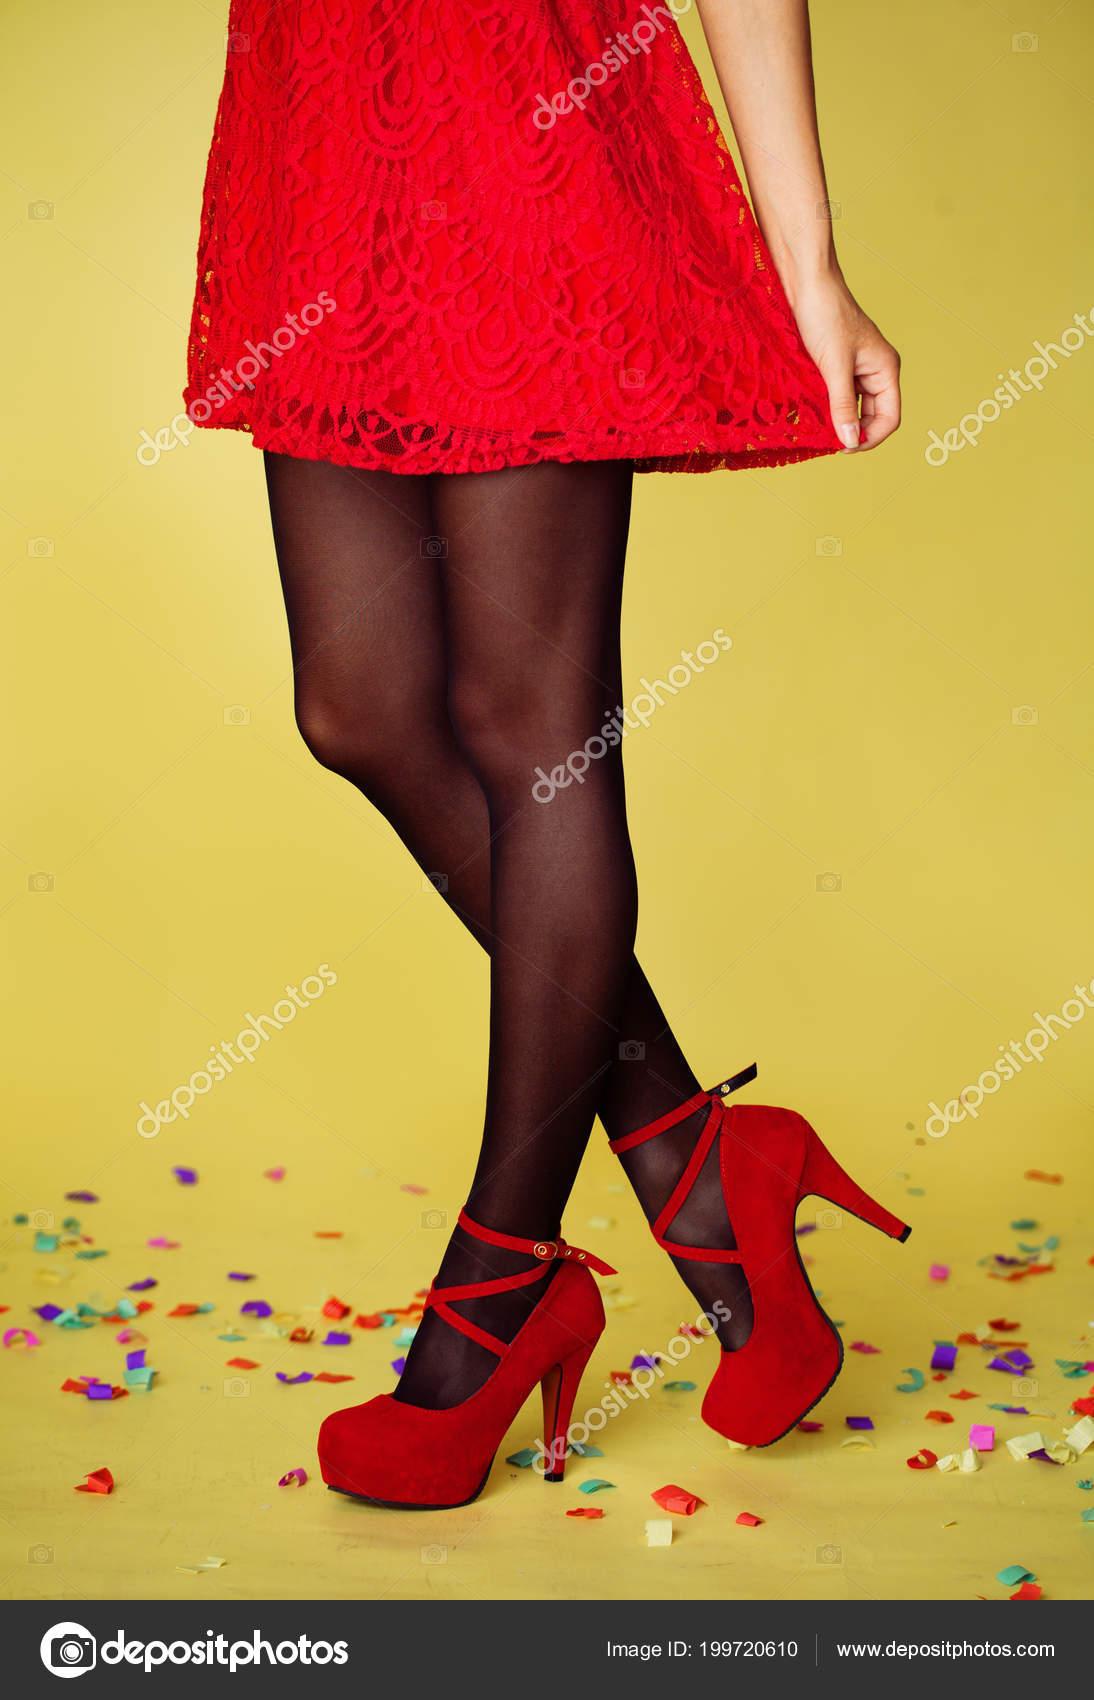 Negras Hermosas Piernas Rojos Mujeres Sobre Fondo Zapatos Medias Tacones 1xaHw